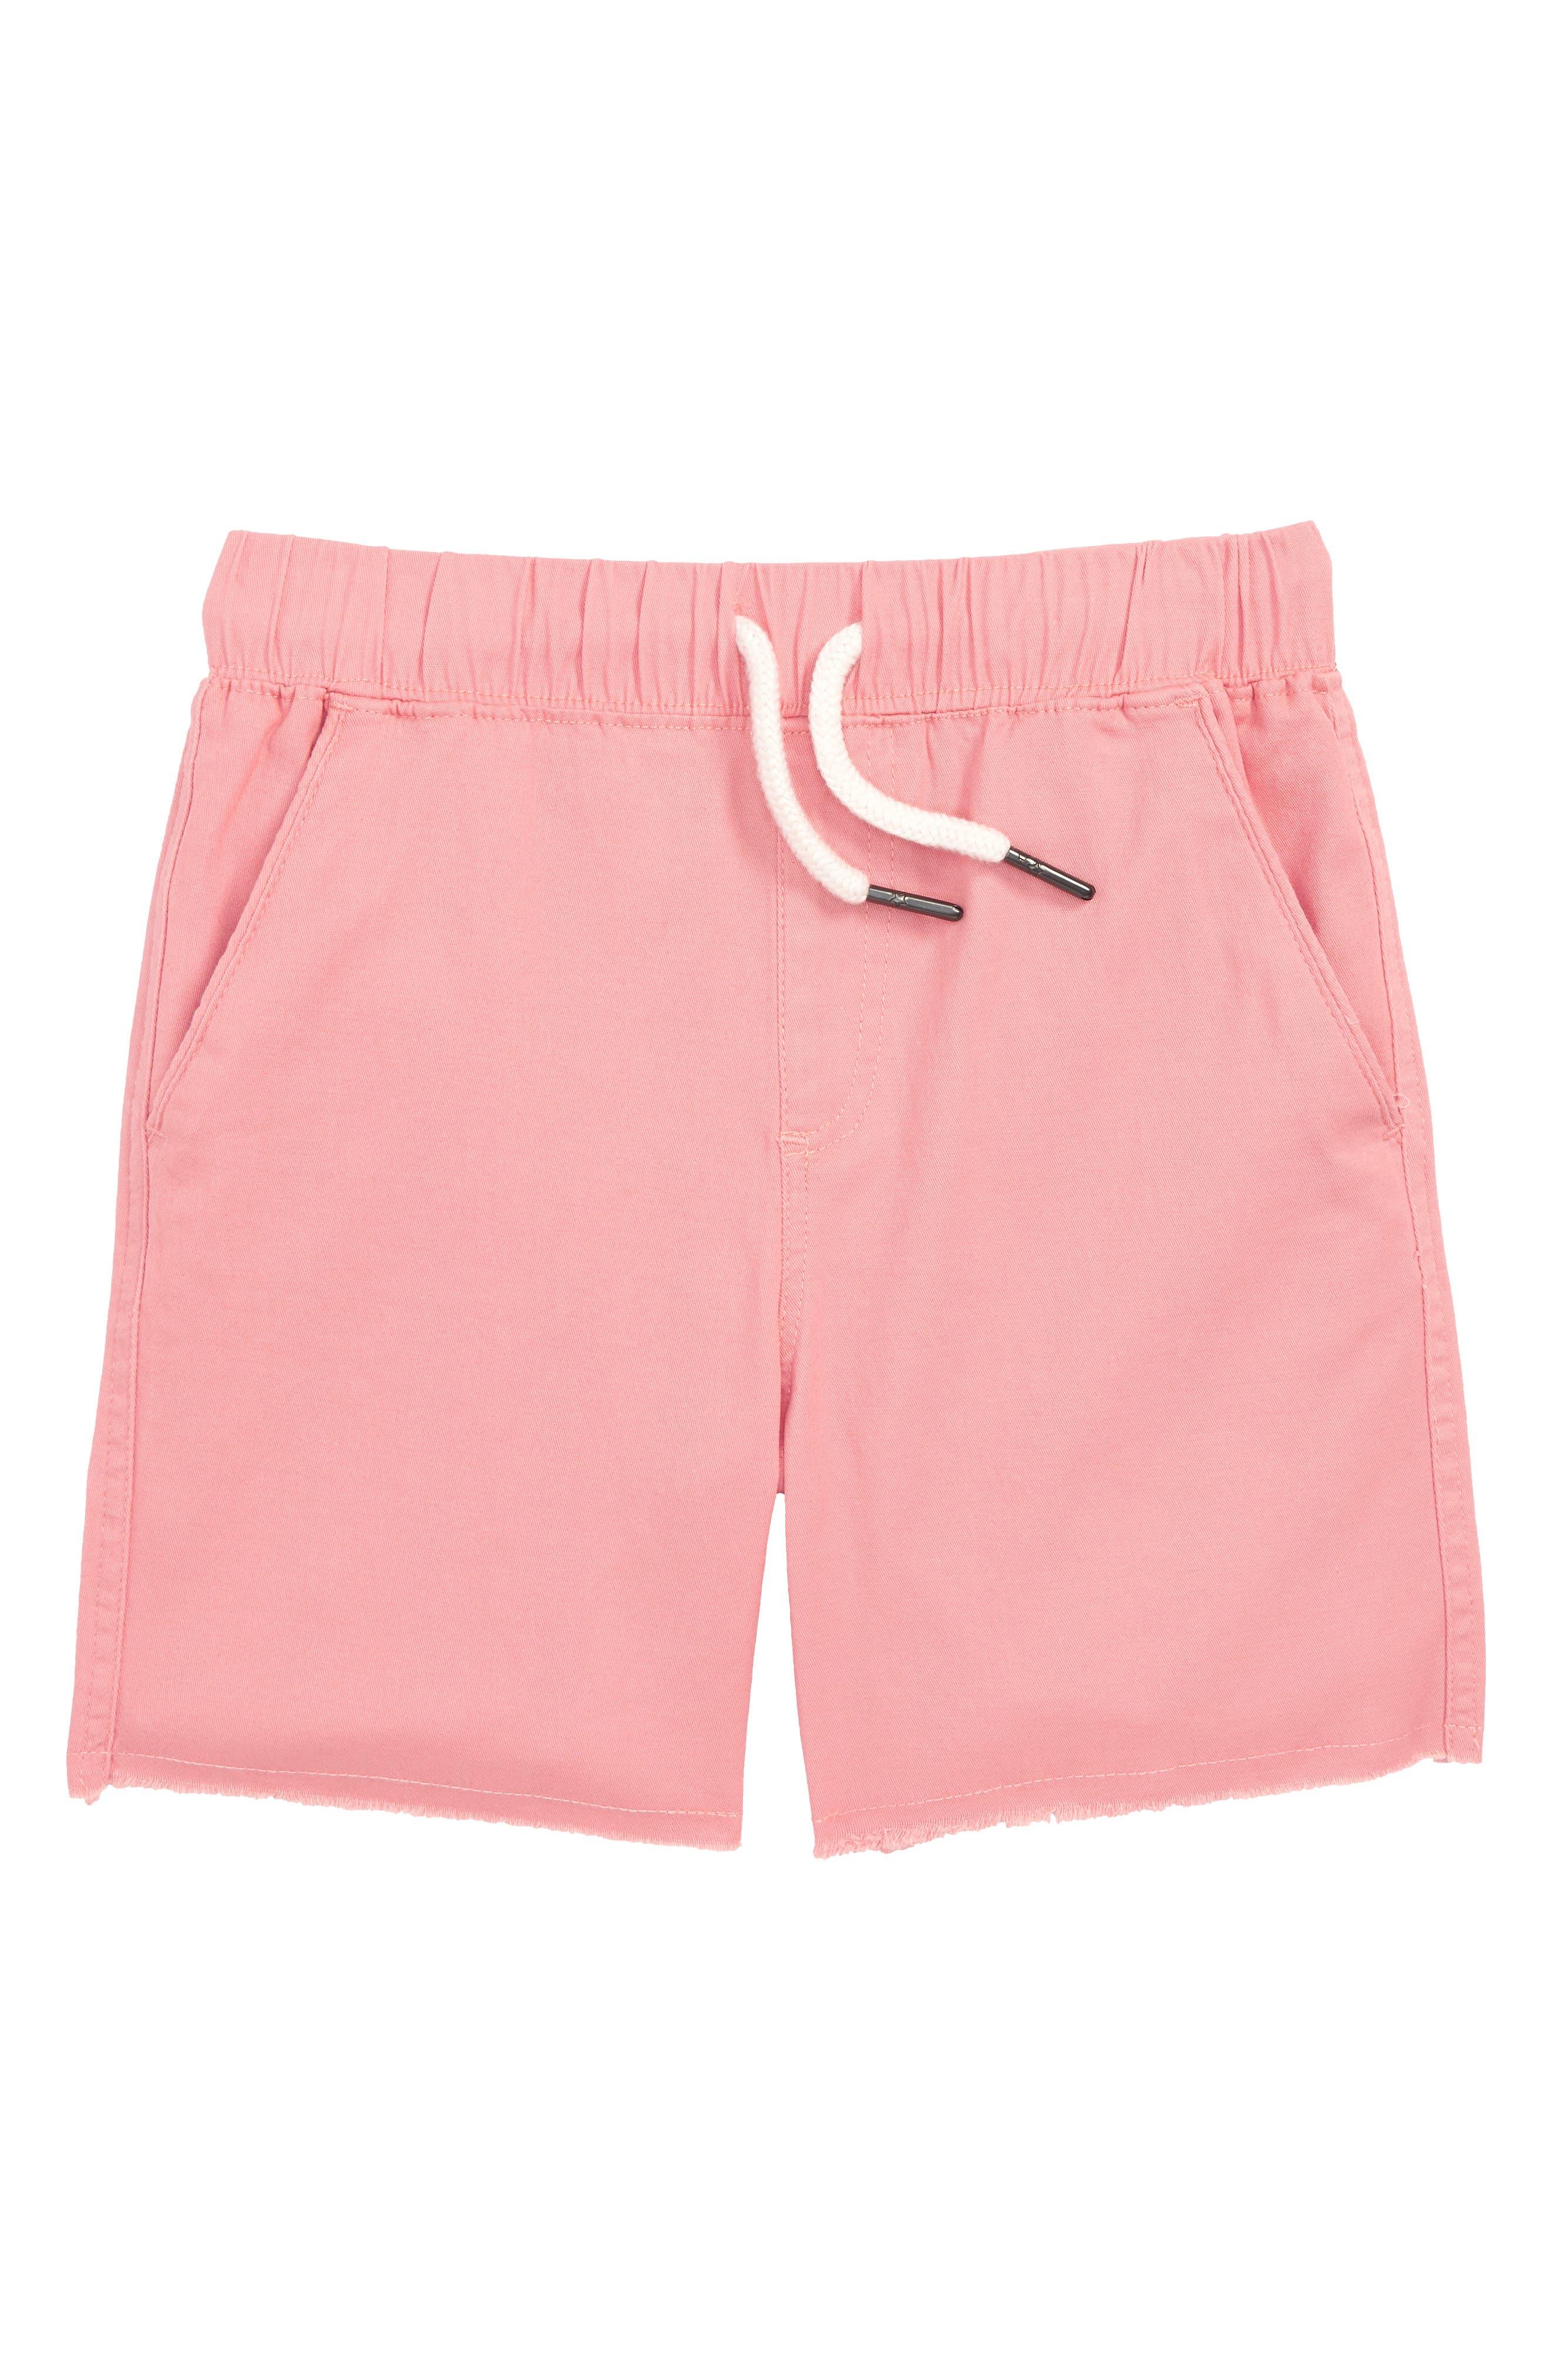 Alaska Shorts,                         Main,                         color, Mauve